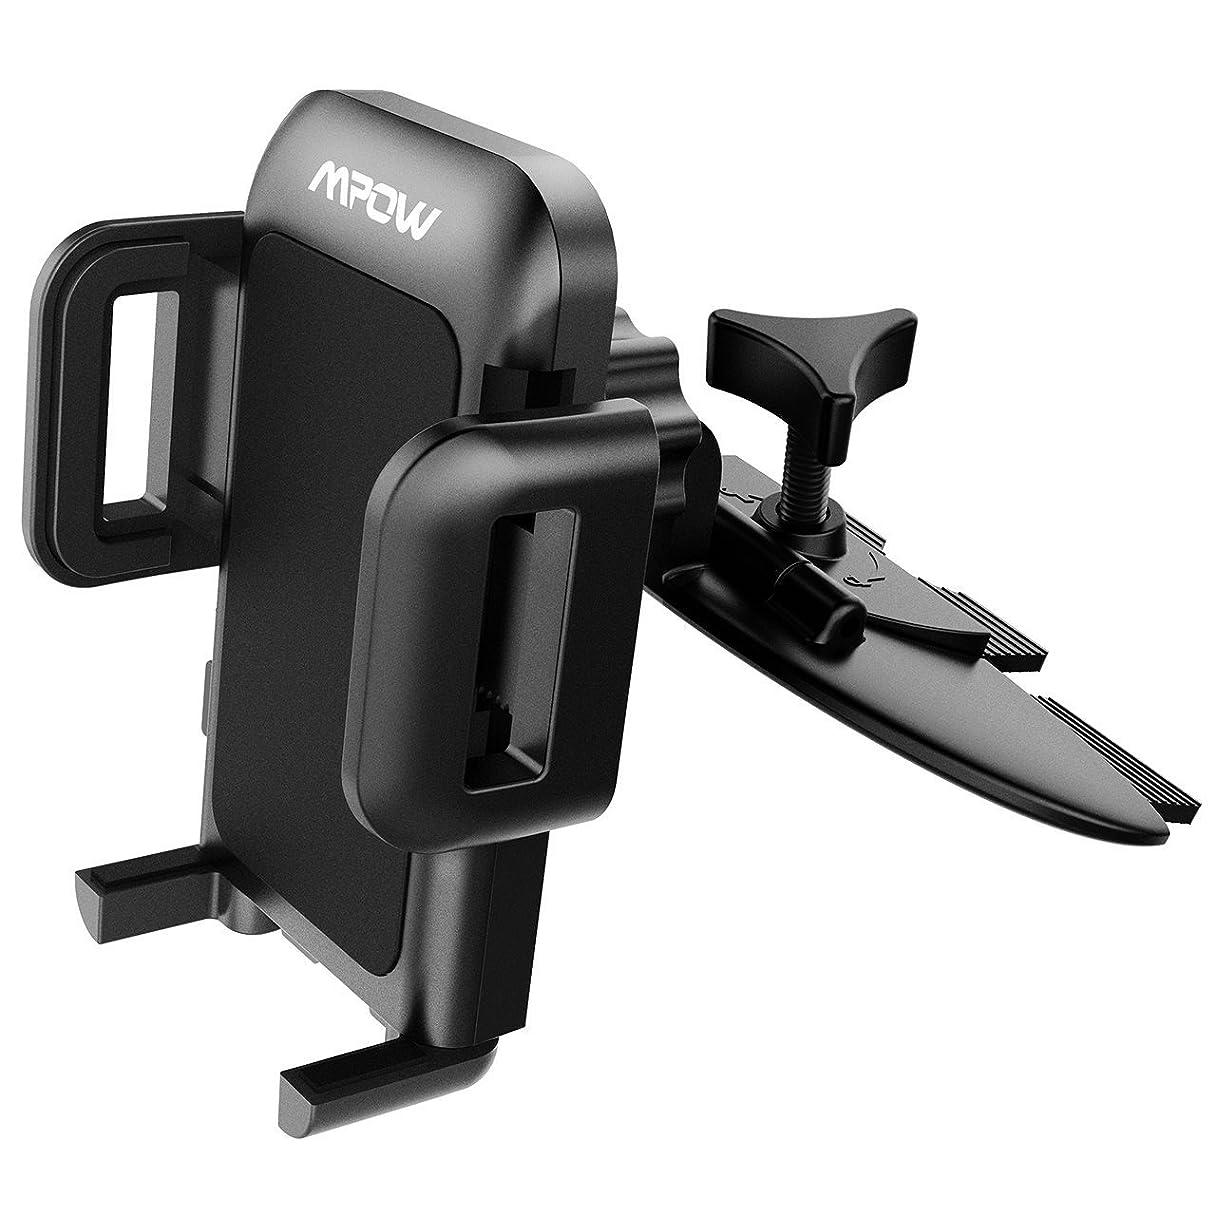 に慣れ保存華氏Mpow GripPro2 車載ホルダー 360度回転可能 汎用スマホに対応 CD/DVDスロット取り付け